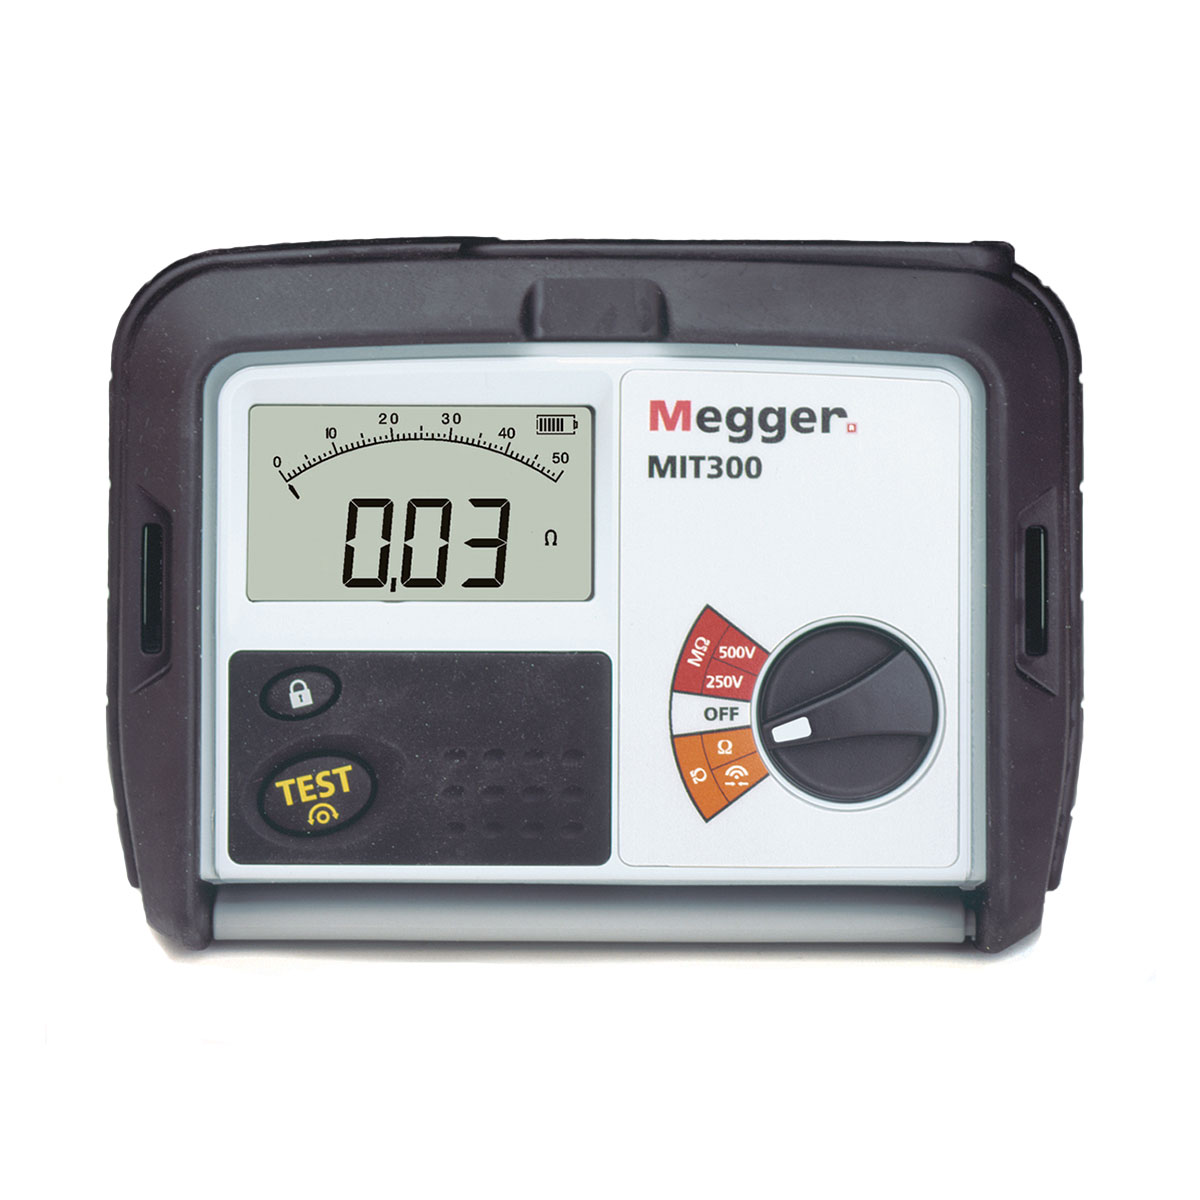 Megger_MIT300_BHD